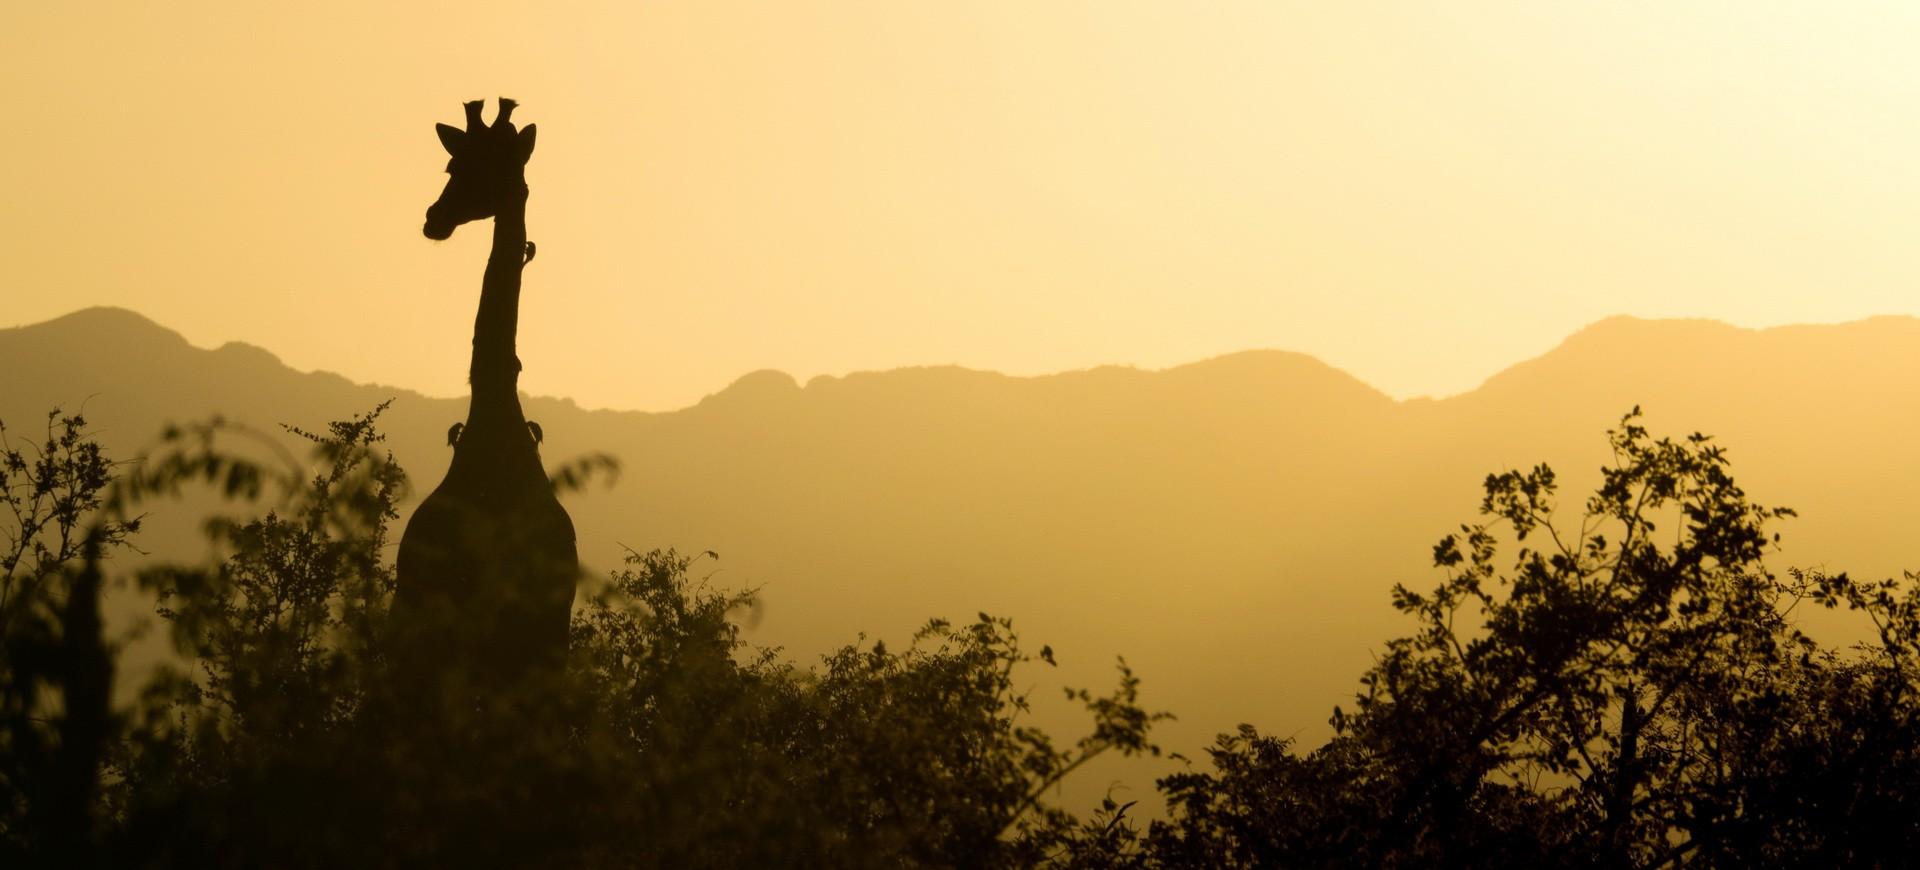 Girafe au couché du soleil dans la réserve d'animaux Kruger